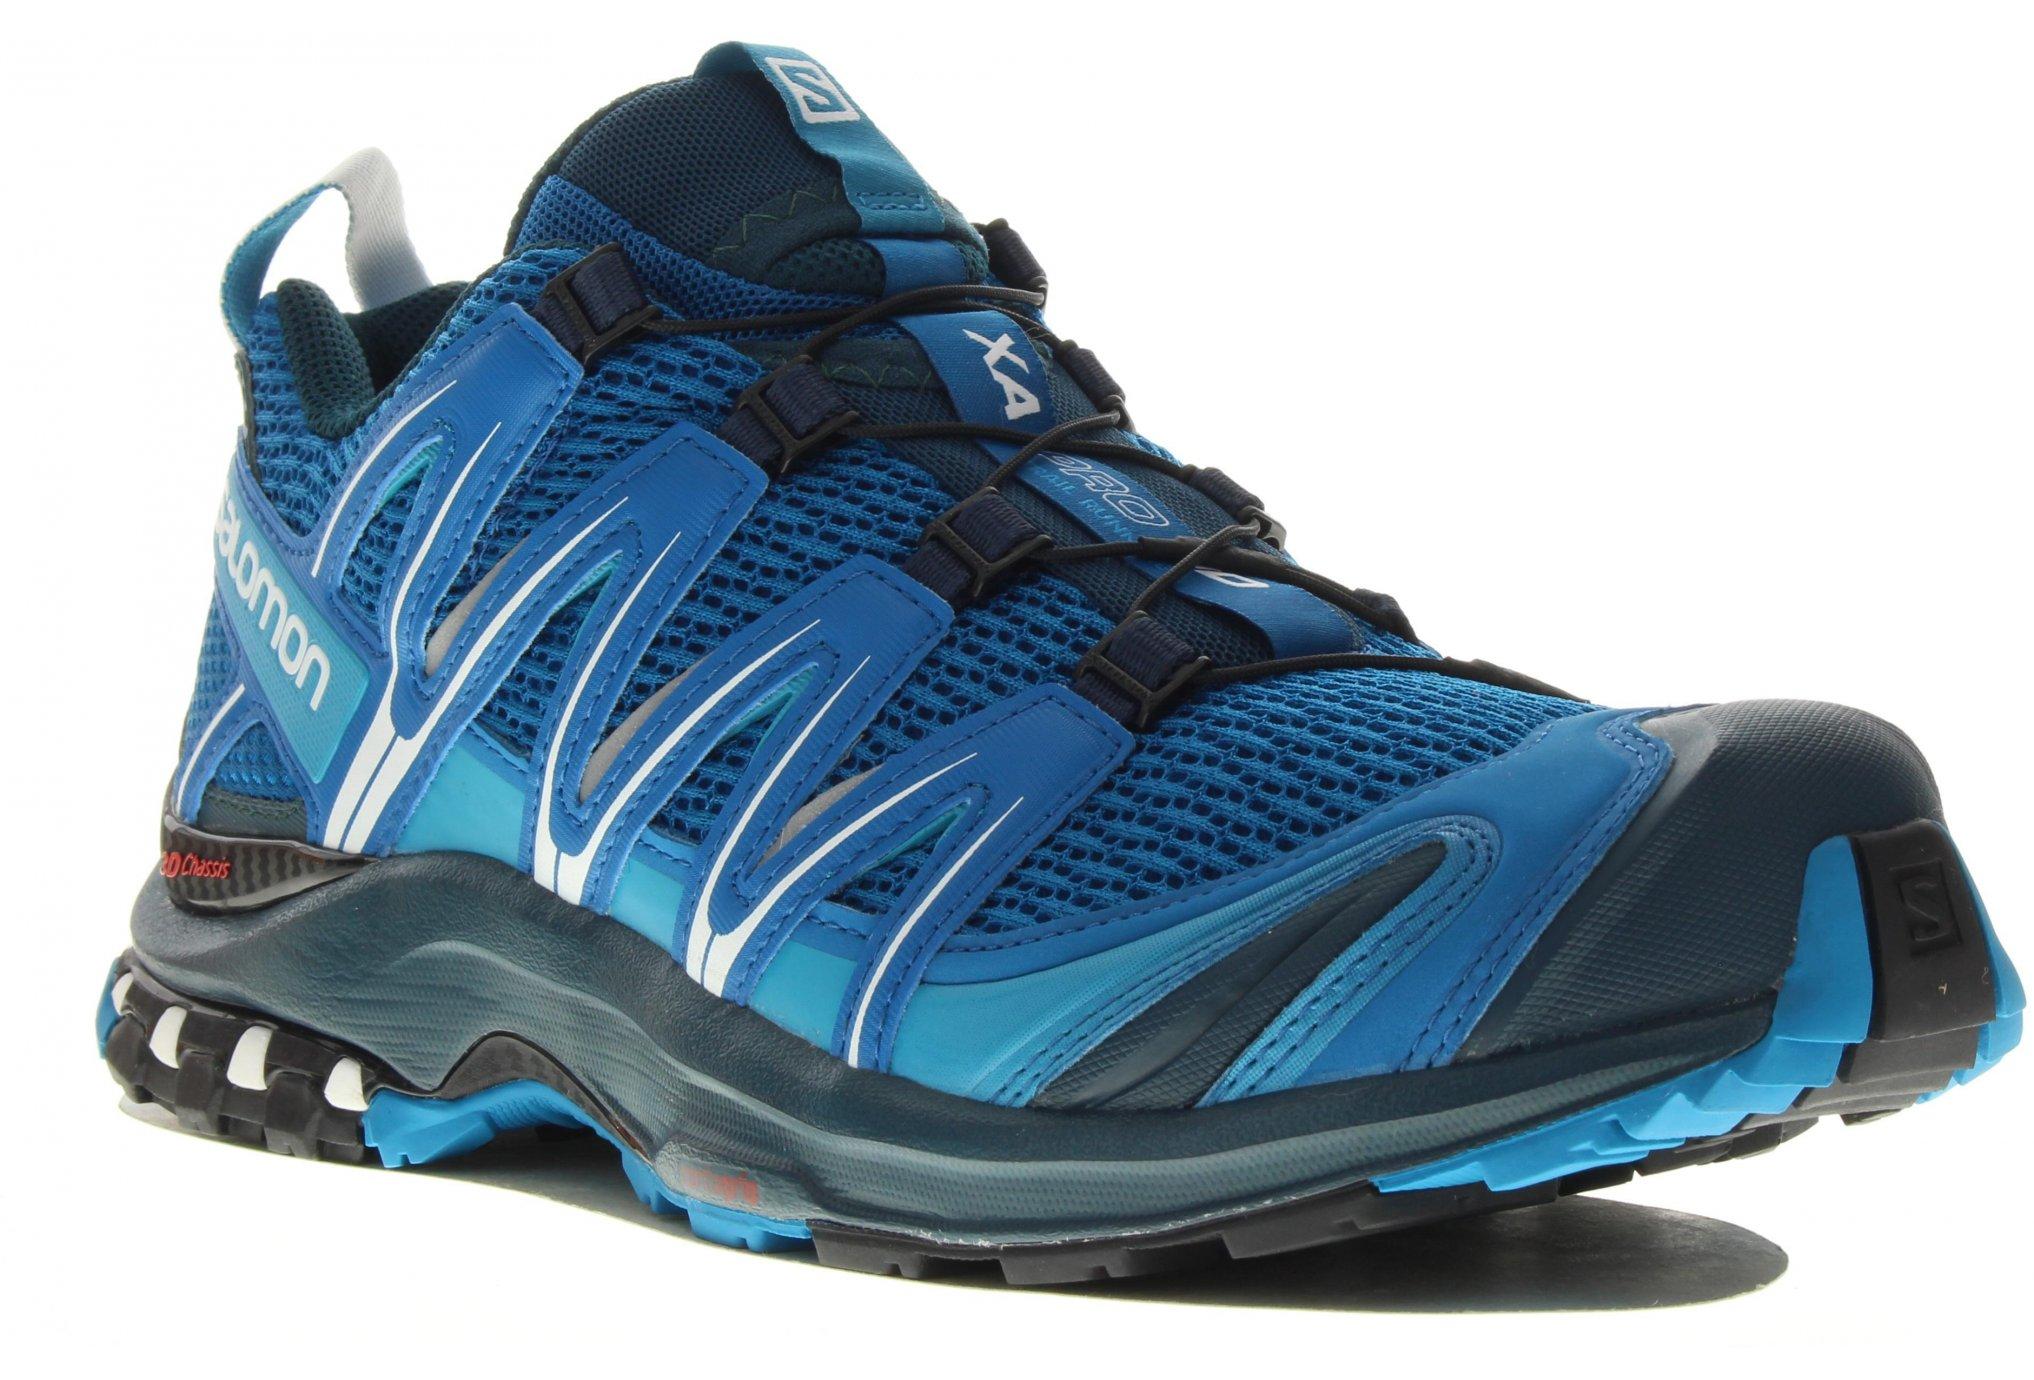 Salomon XA PRO 3D ULTRA 2 Chaussures de running pop